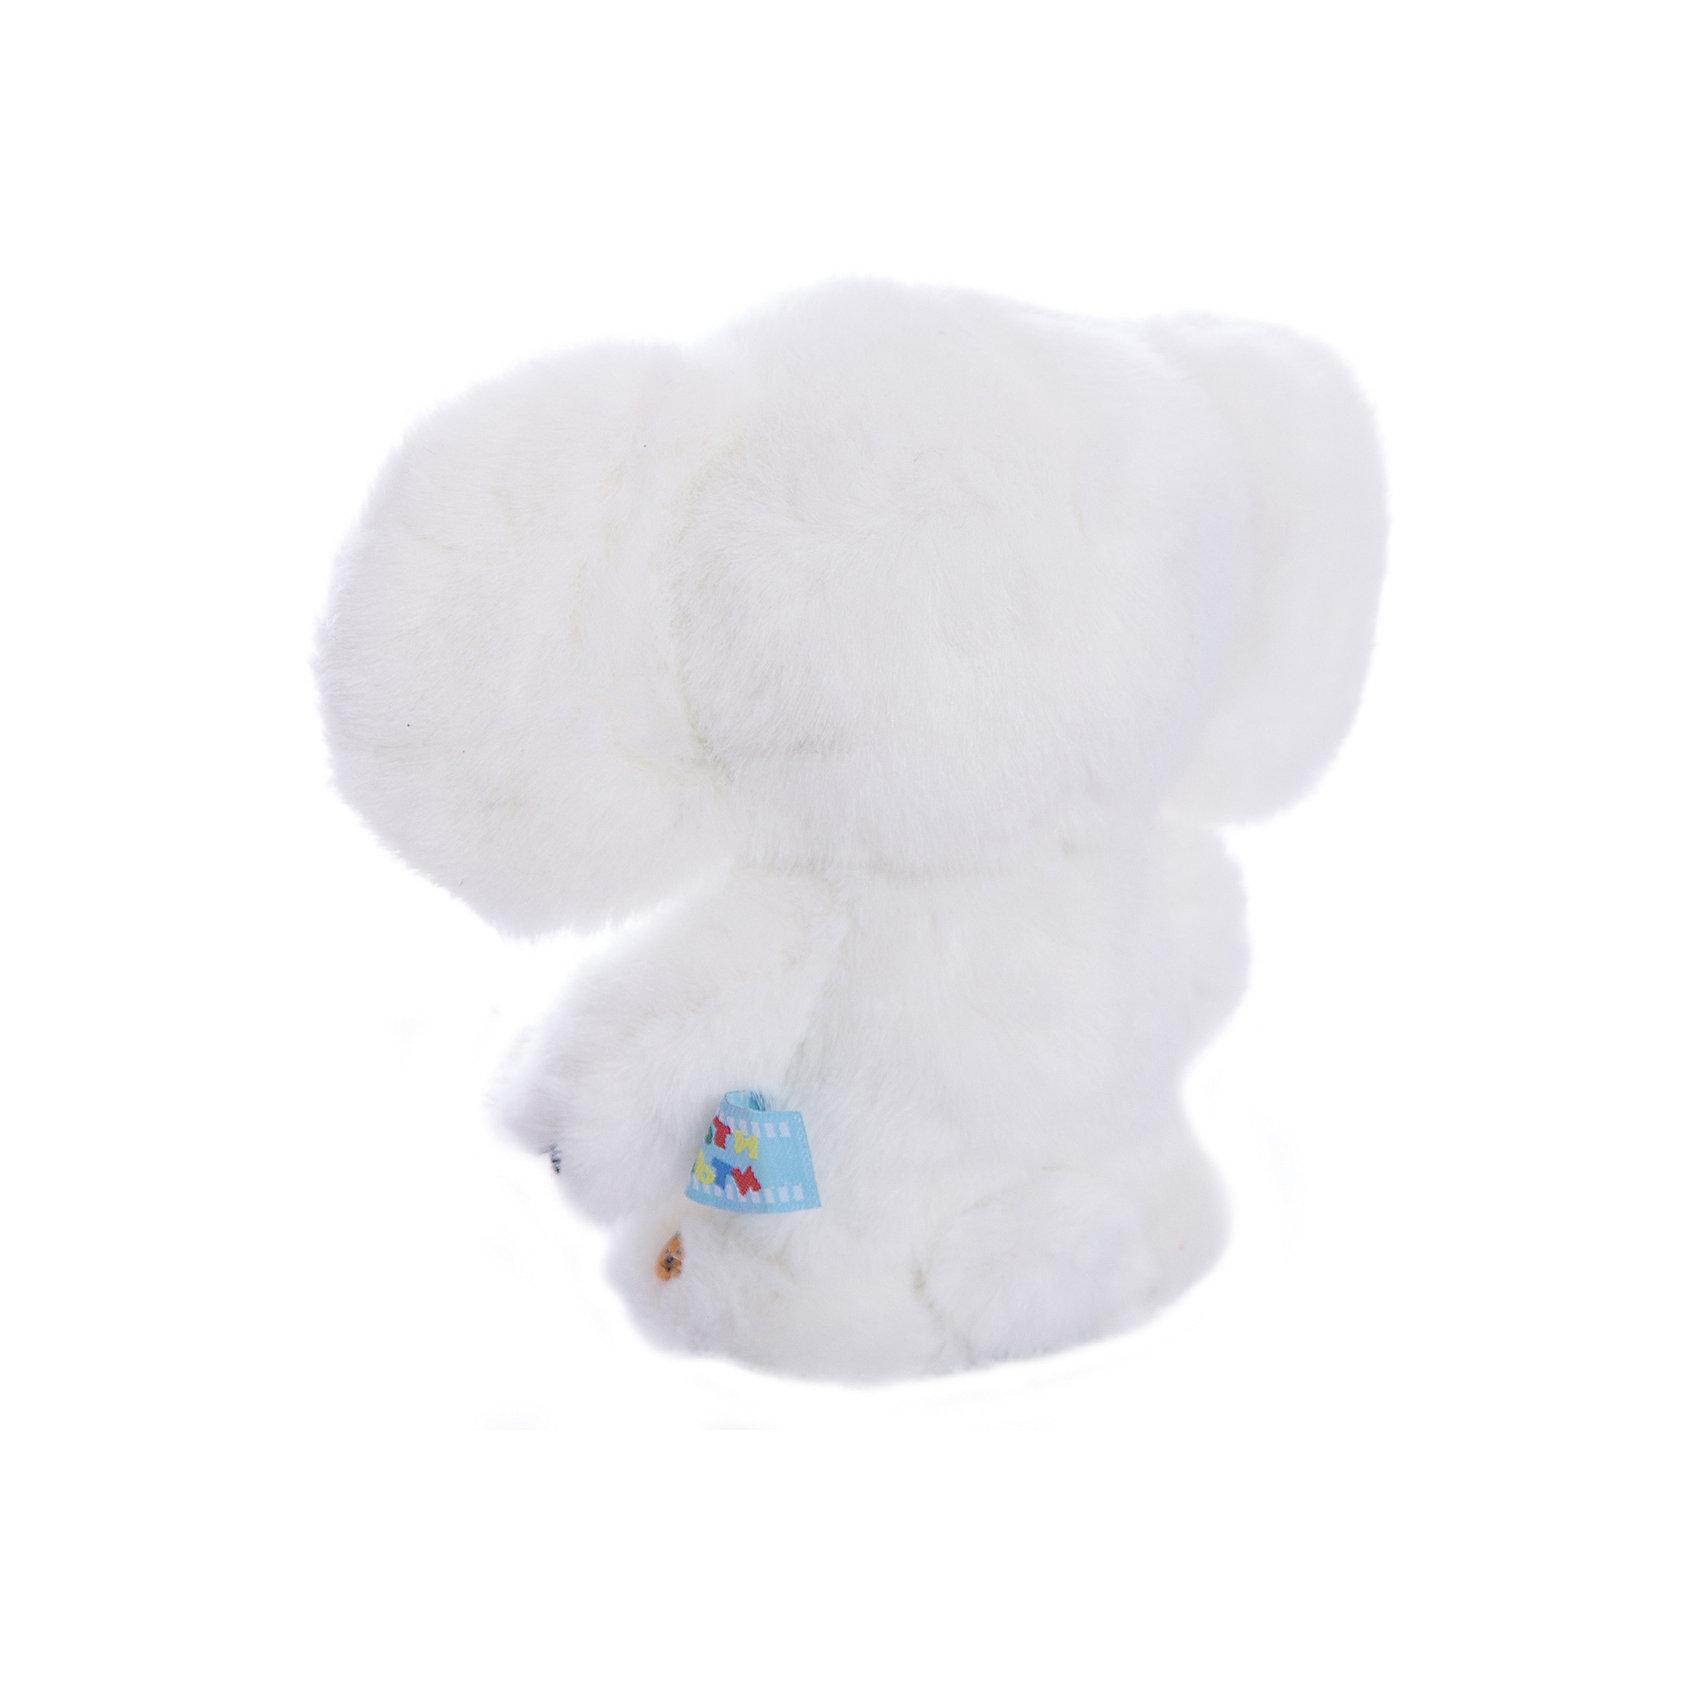 Мягкая игрушка Чебурашка с белым мехом, МУЛЬТИ-ПУЛЬТИ от myToys